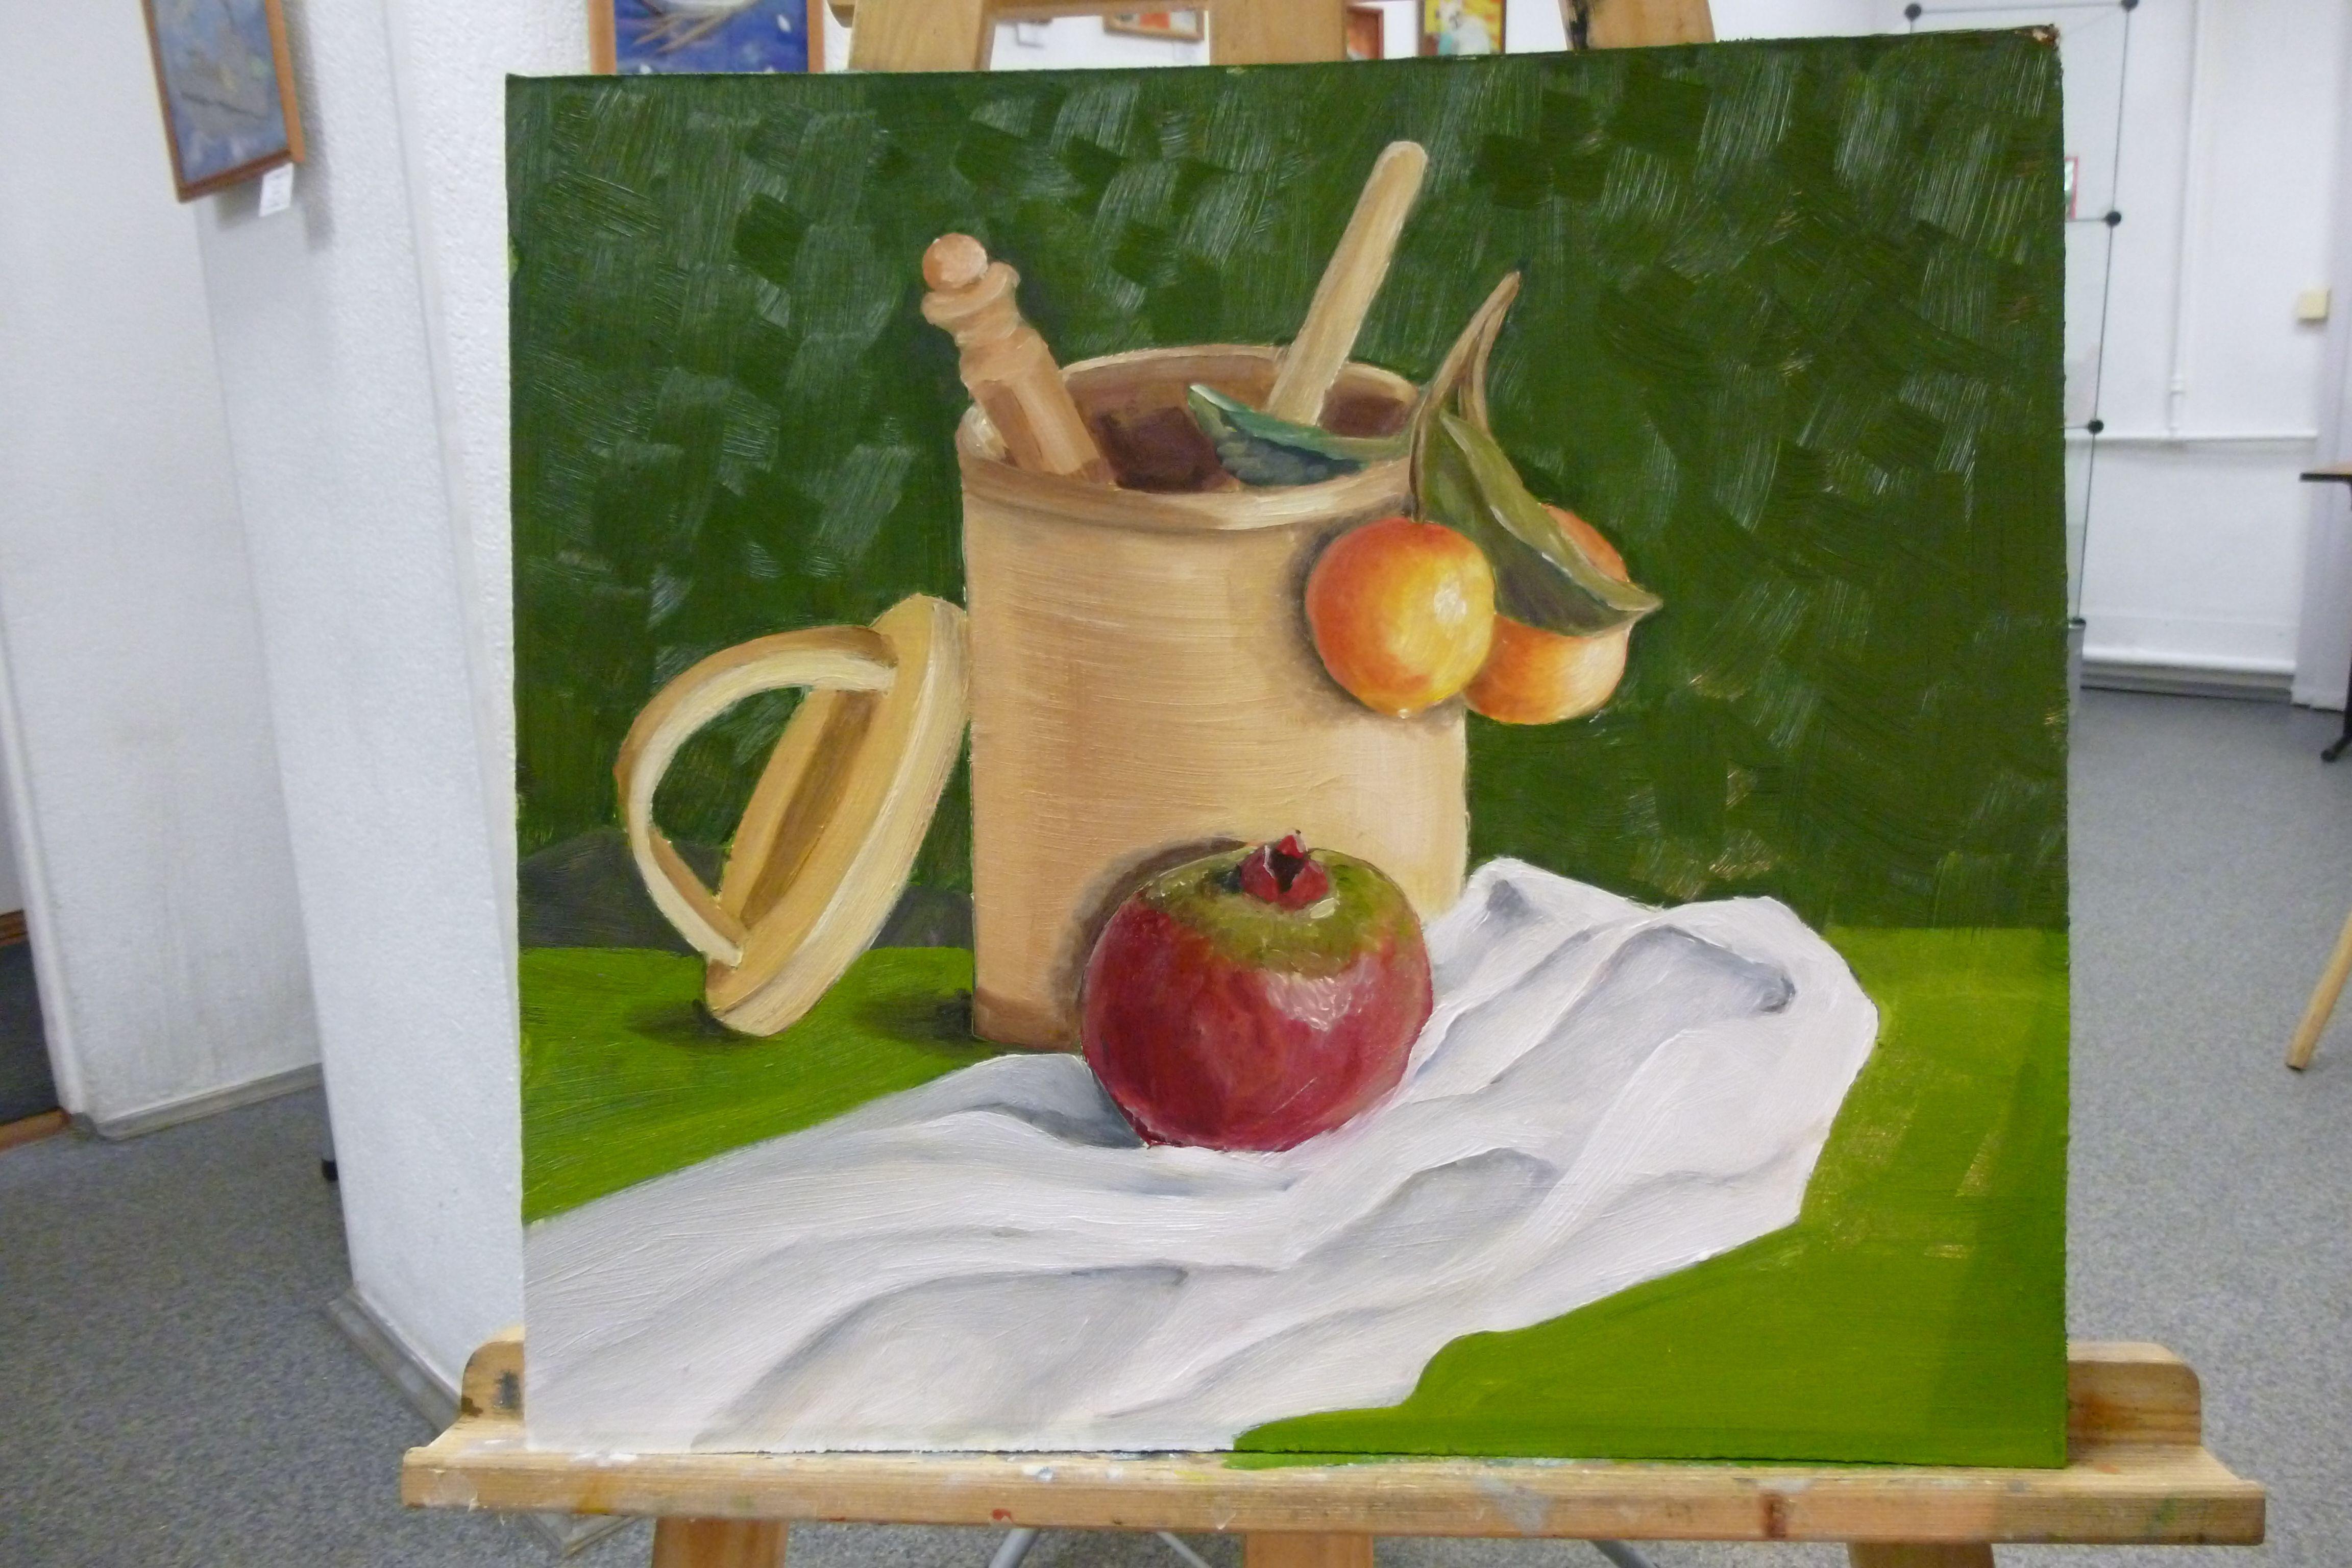 зеленый туесок картинамаслом гранат яркий береста фрукты натюрморт